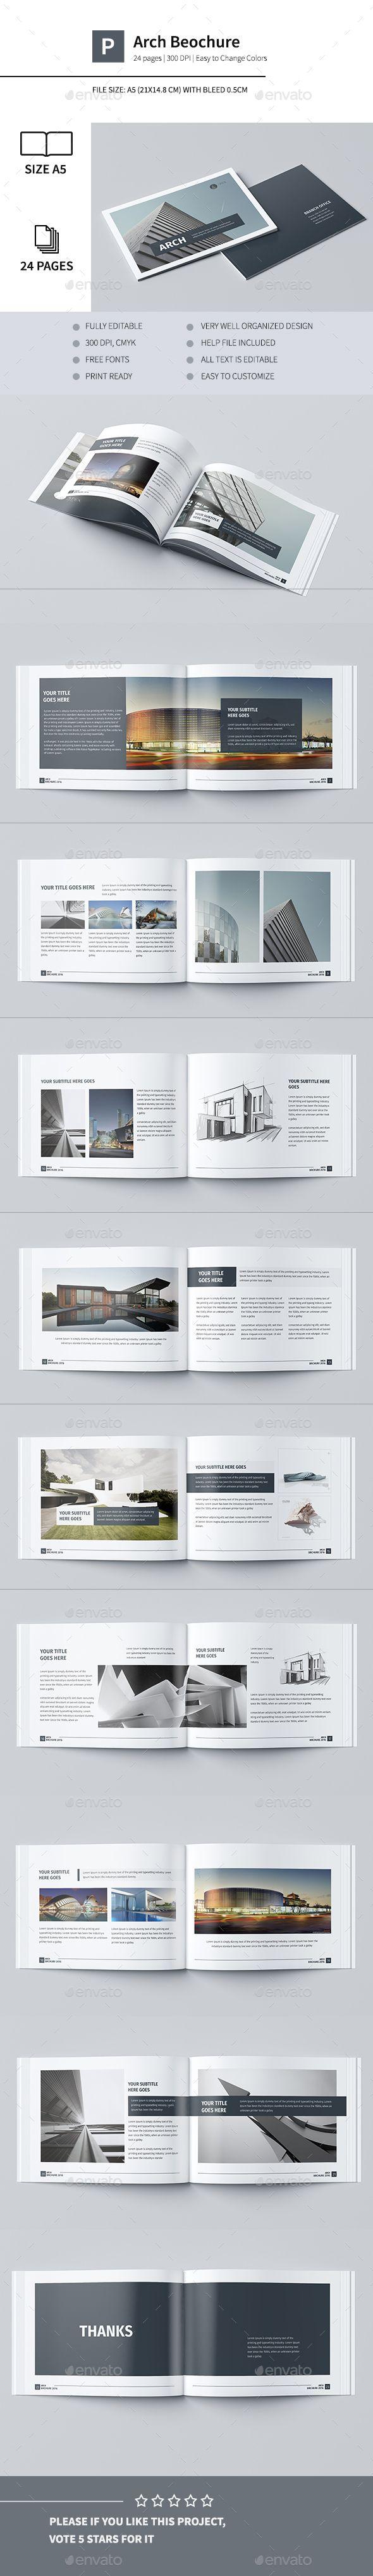 Modern Architecture Brochure 24 Pages A4 & A5 | Broschüren, Fotobuch ...